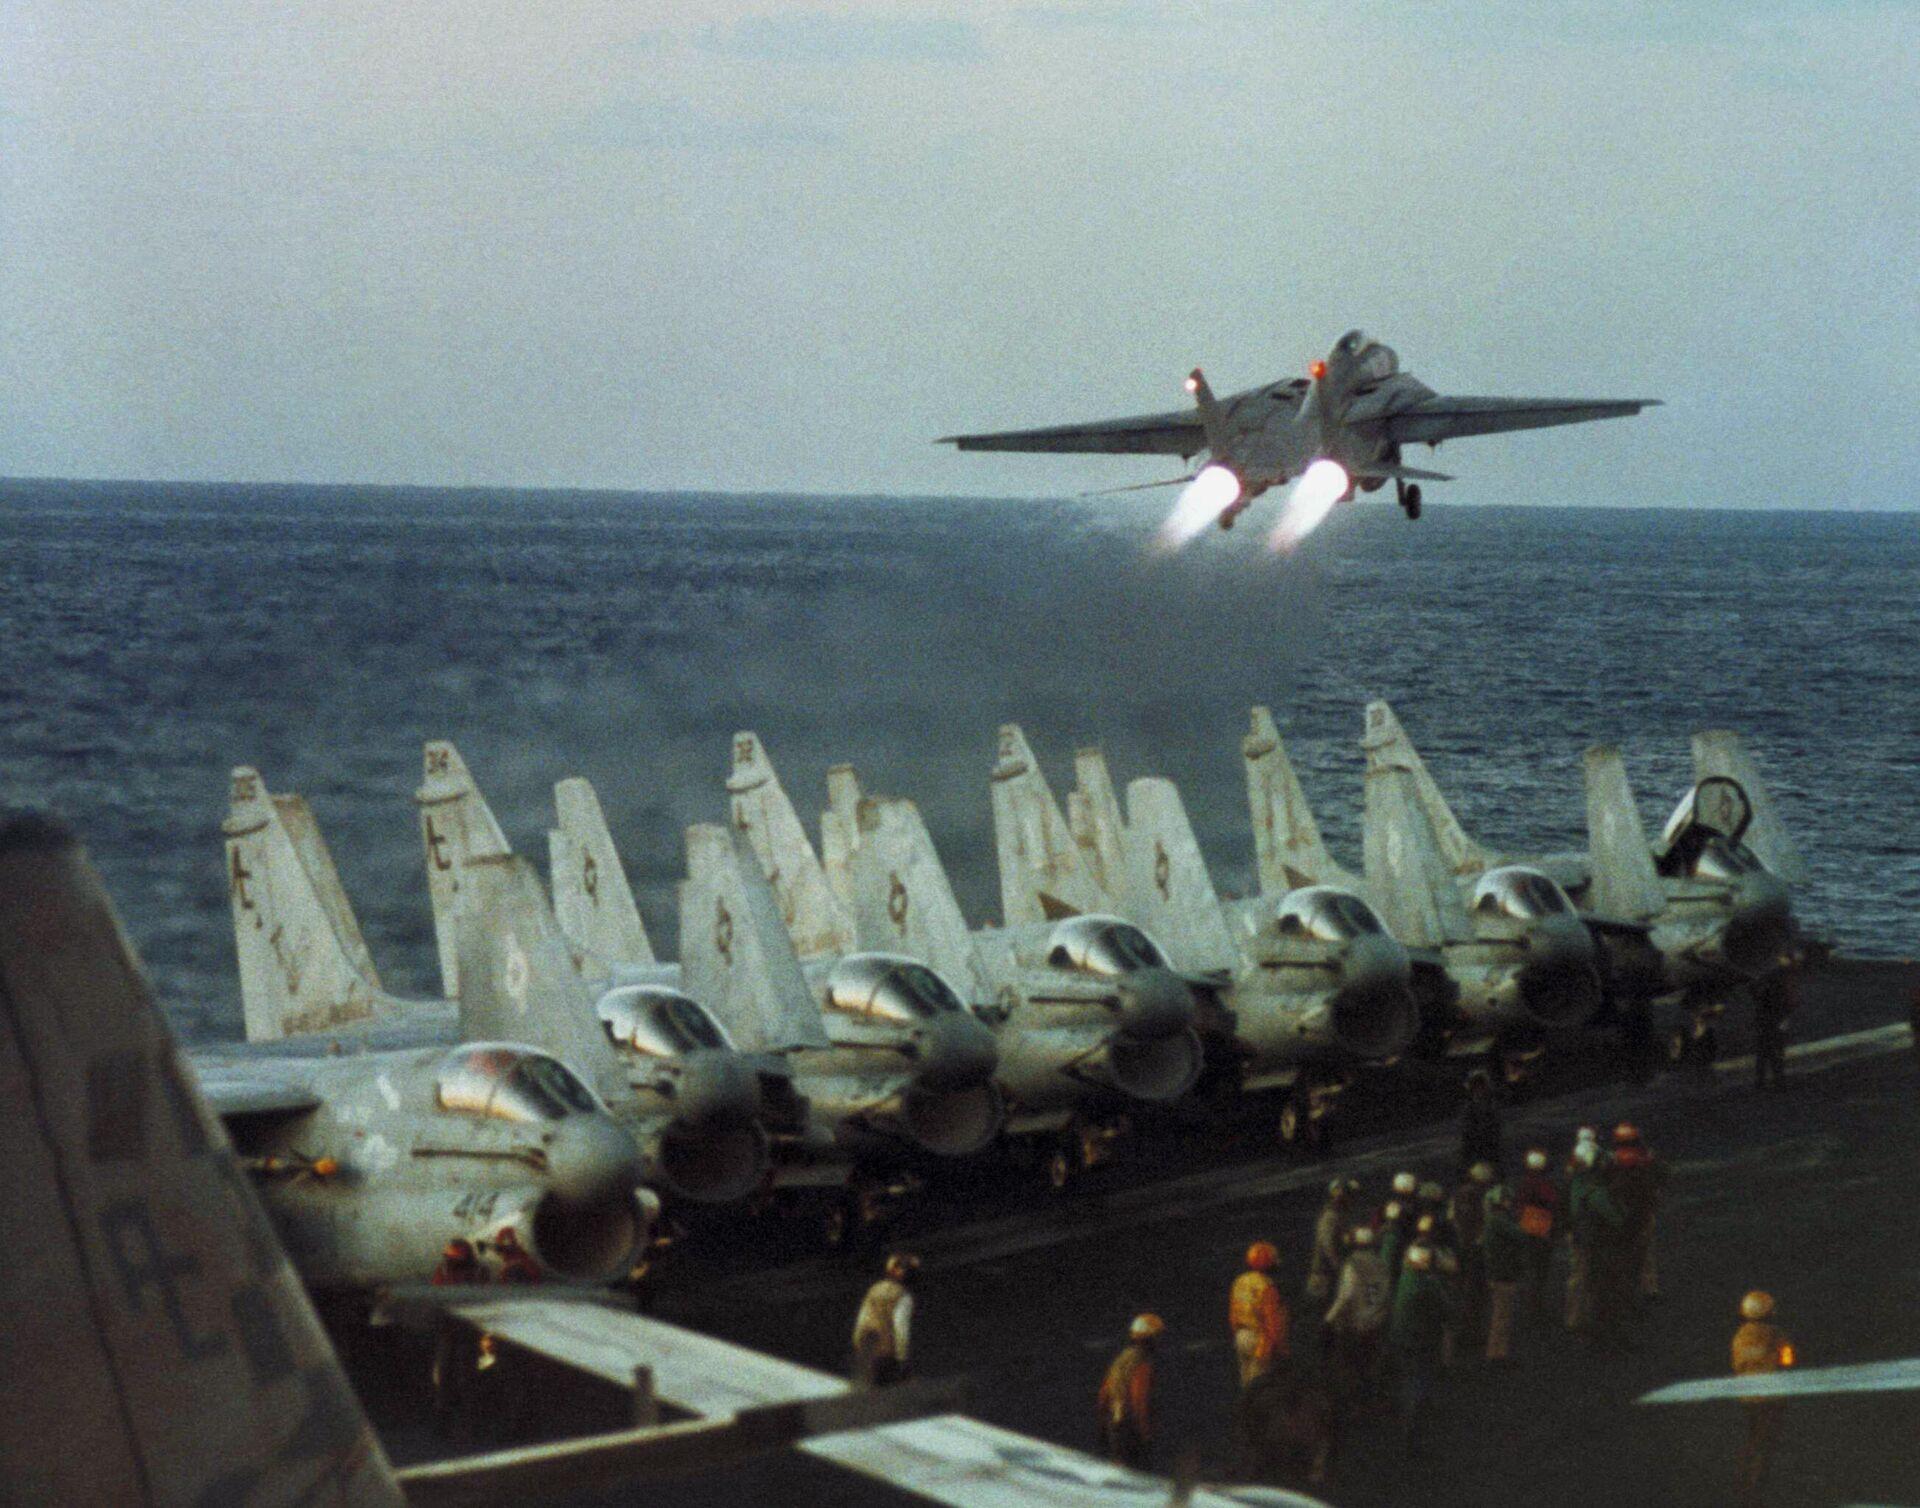 Самолеты F-14 ВМС США на авианосце USS John F. Kennedy в Красном море во время миссии по атаке иракских позиций Буря в пустыне - РИА Новости, 1920, 19.03.2021